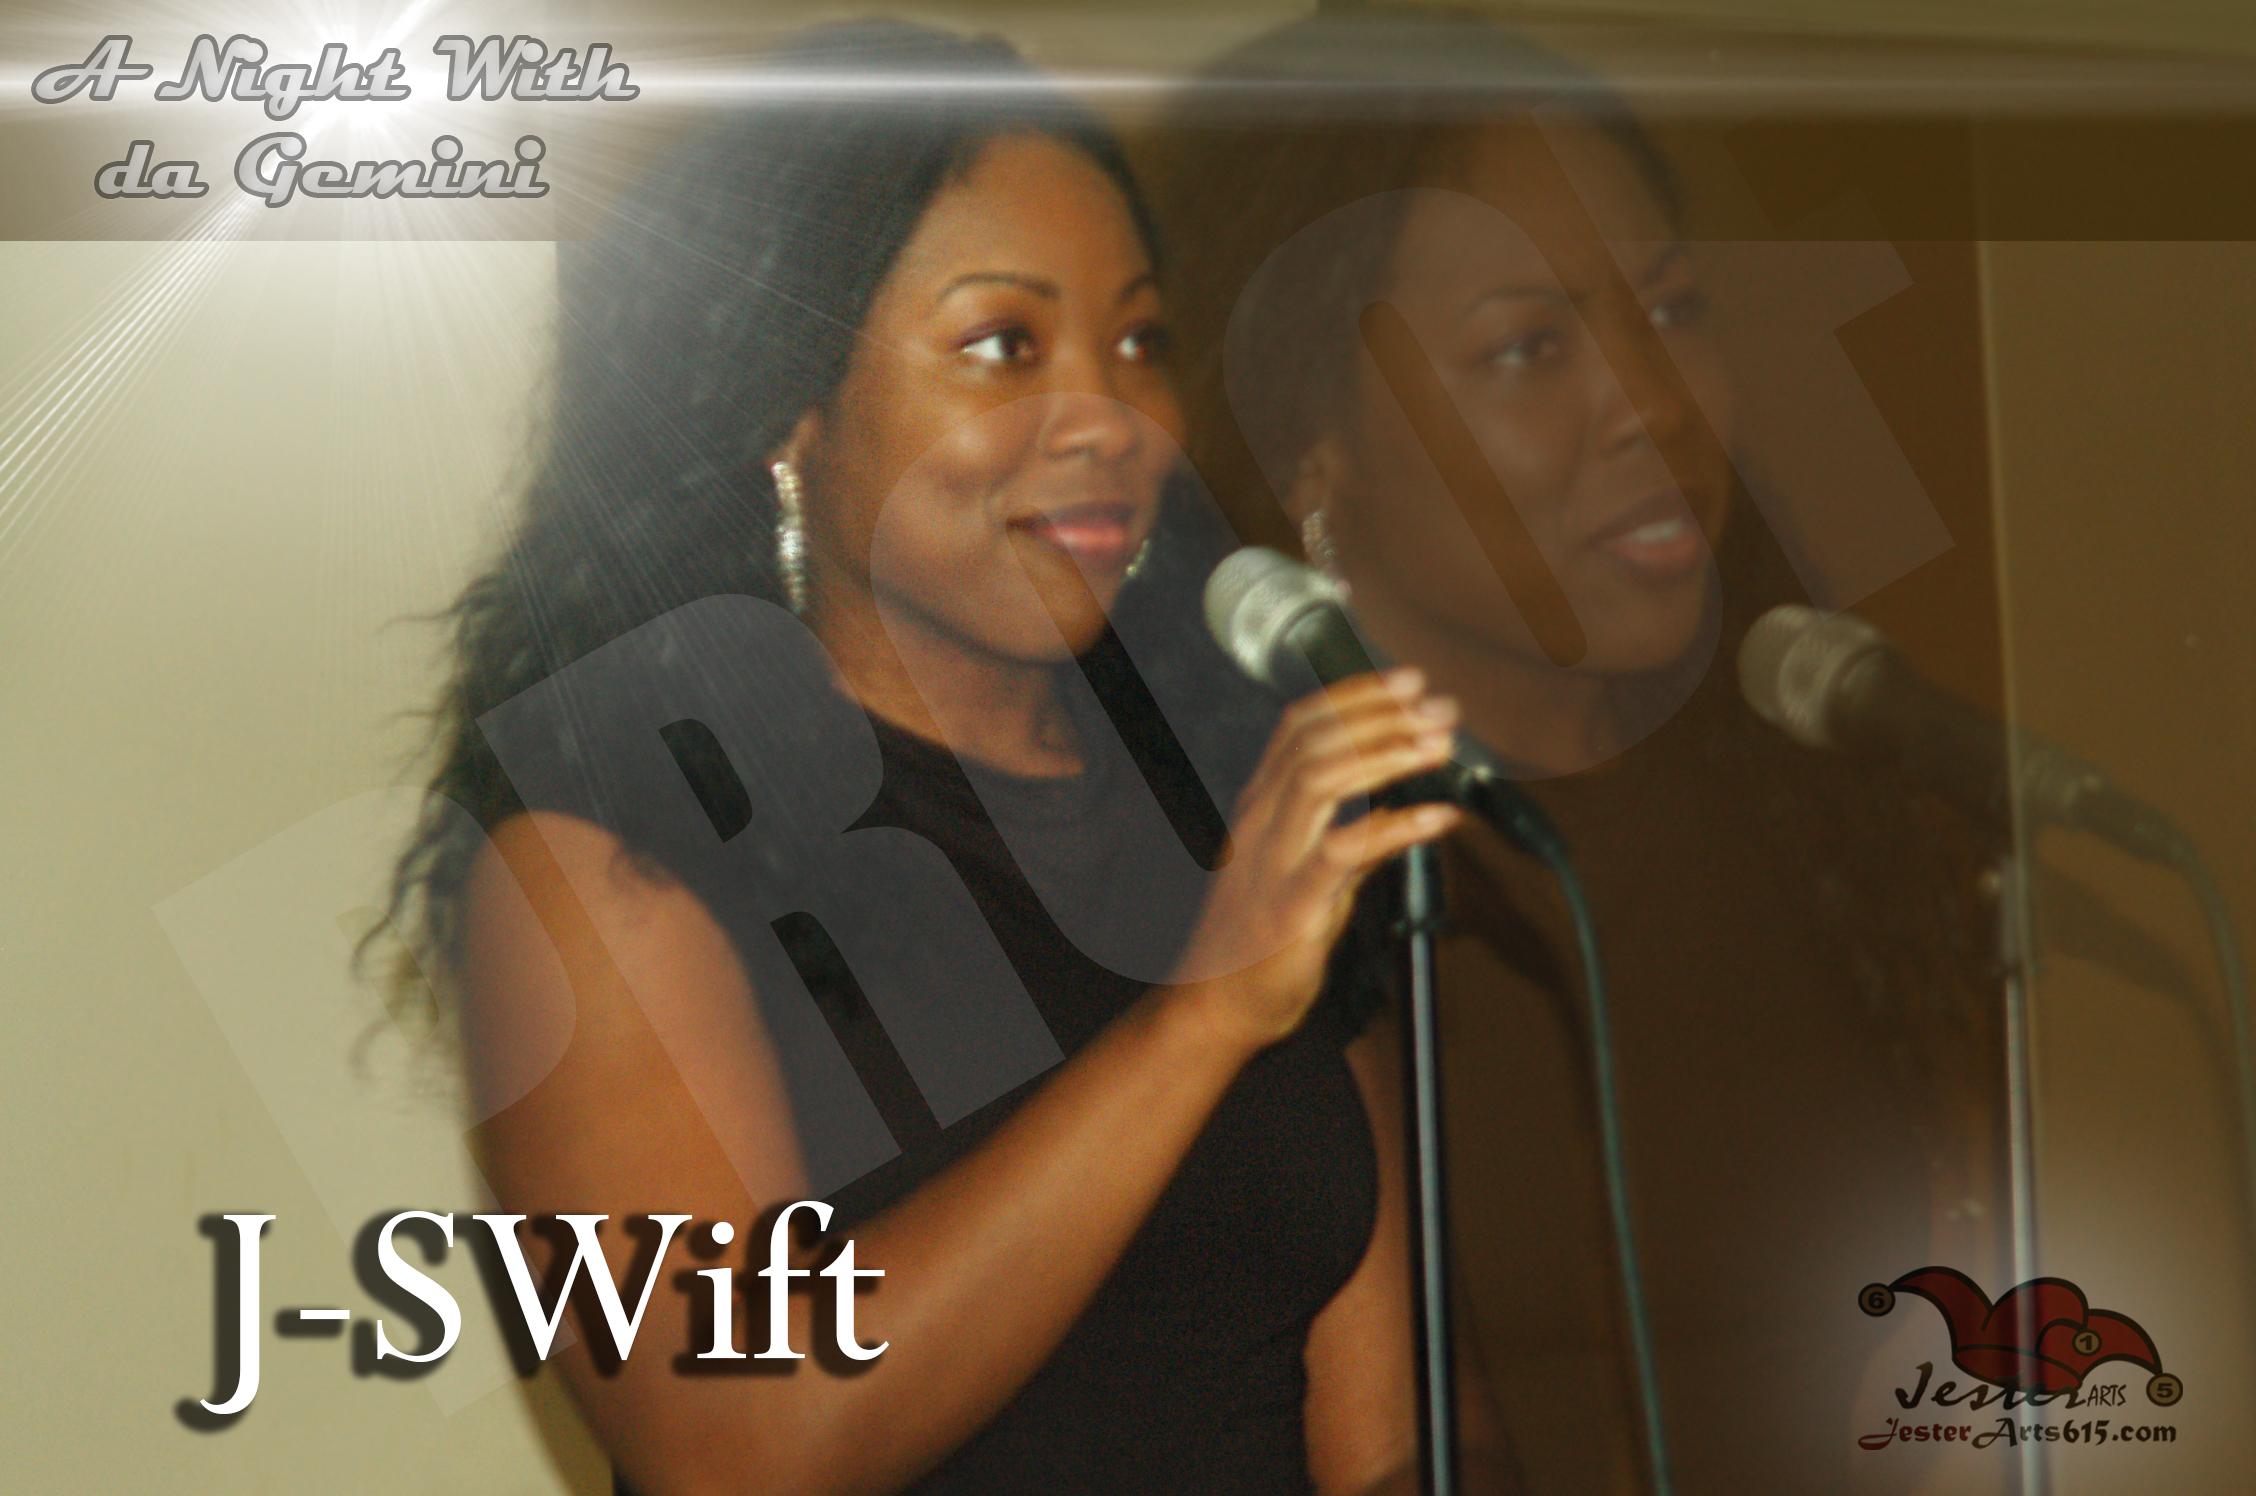 Jswift9